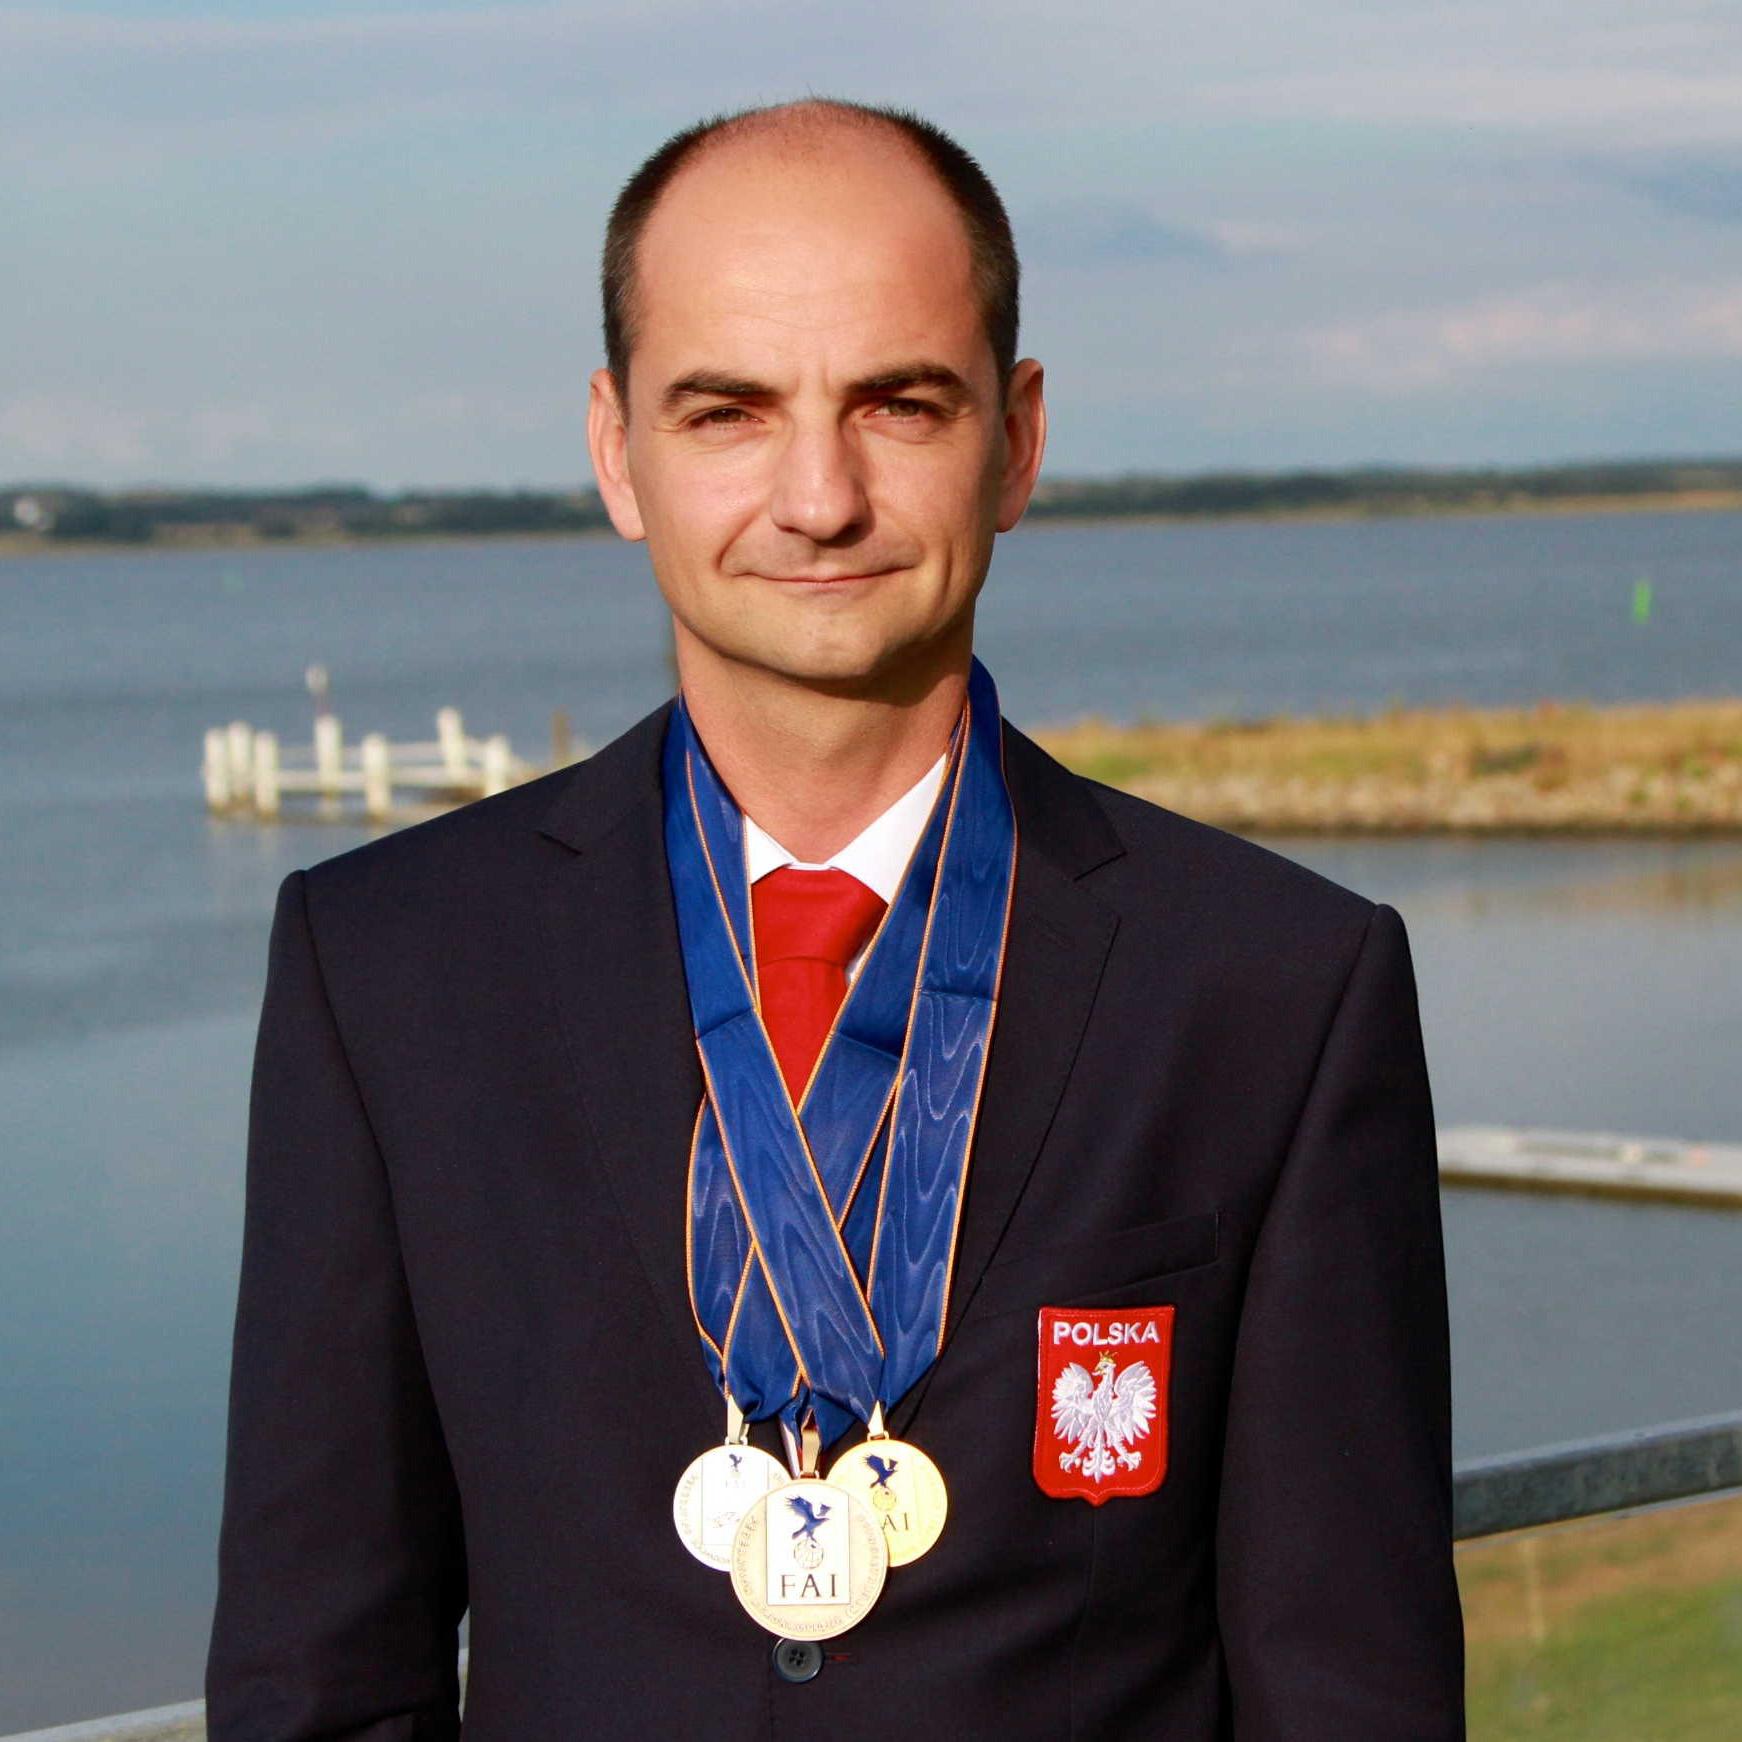 Bolesław Radomski